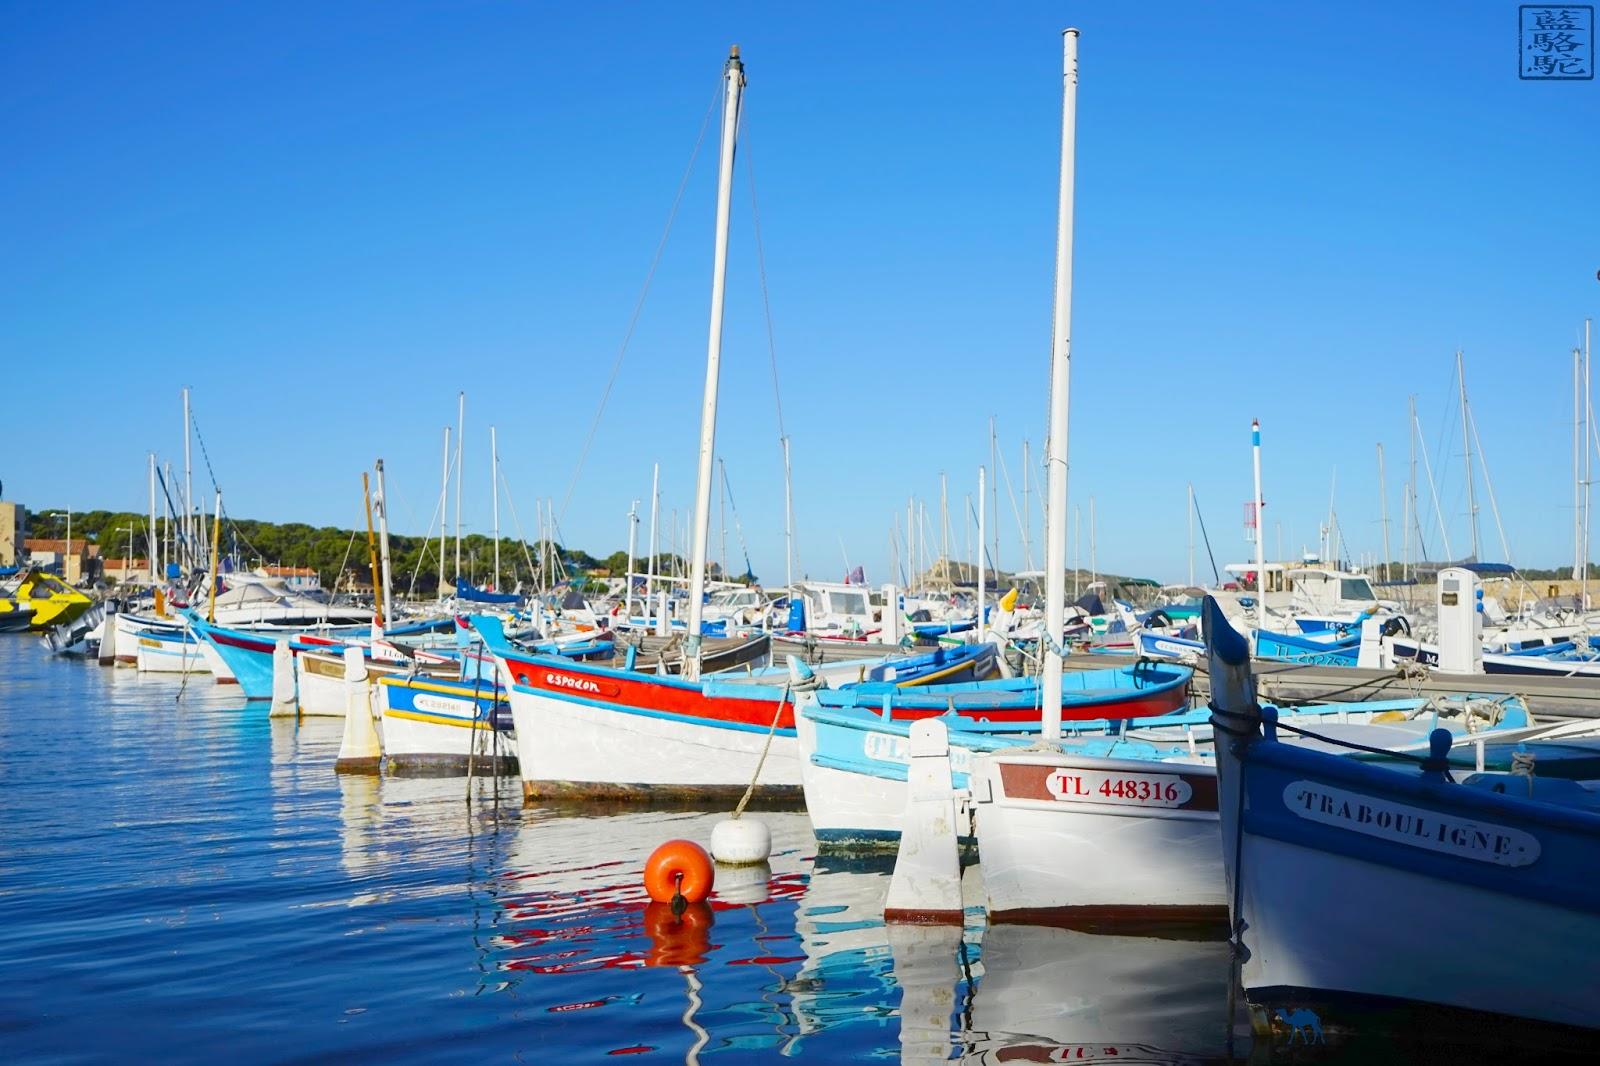 Le Chameau Bleu - Blog Voyage Var Brusc - Var - Port du Brusc